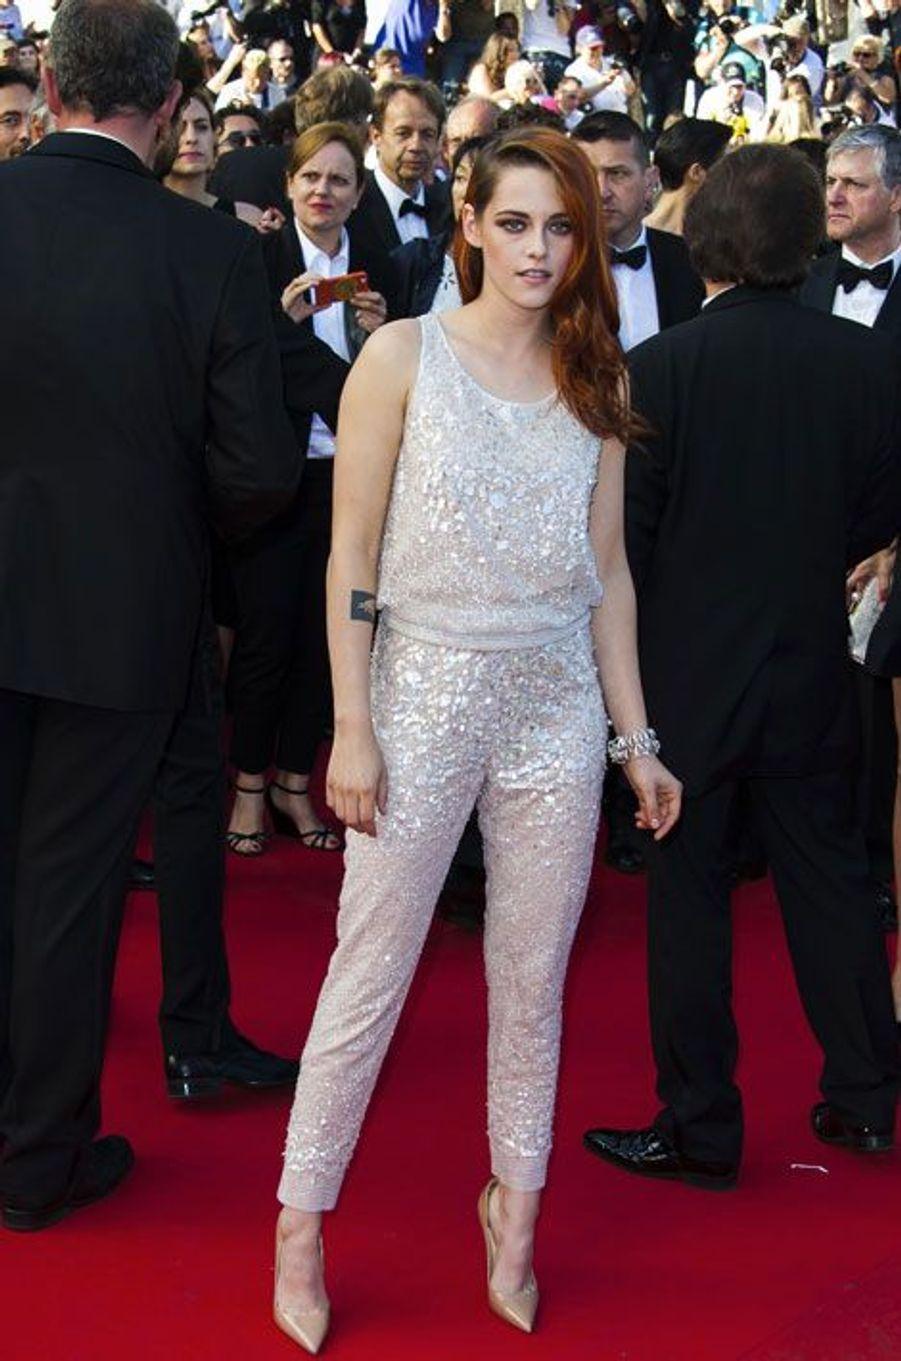 """En Chanel Couture pour la projection de """"Sils Maria"""" pendant le Festival de Cannes, le 23 mai 2014"""